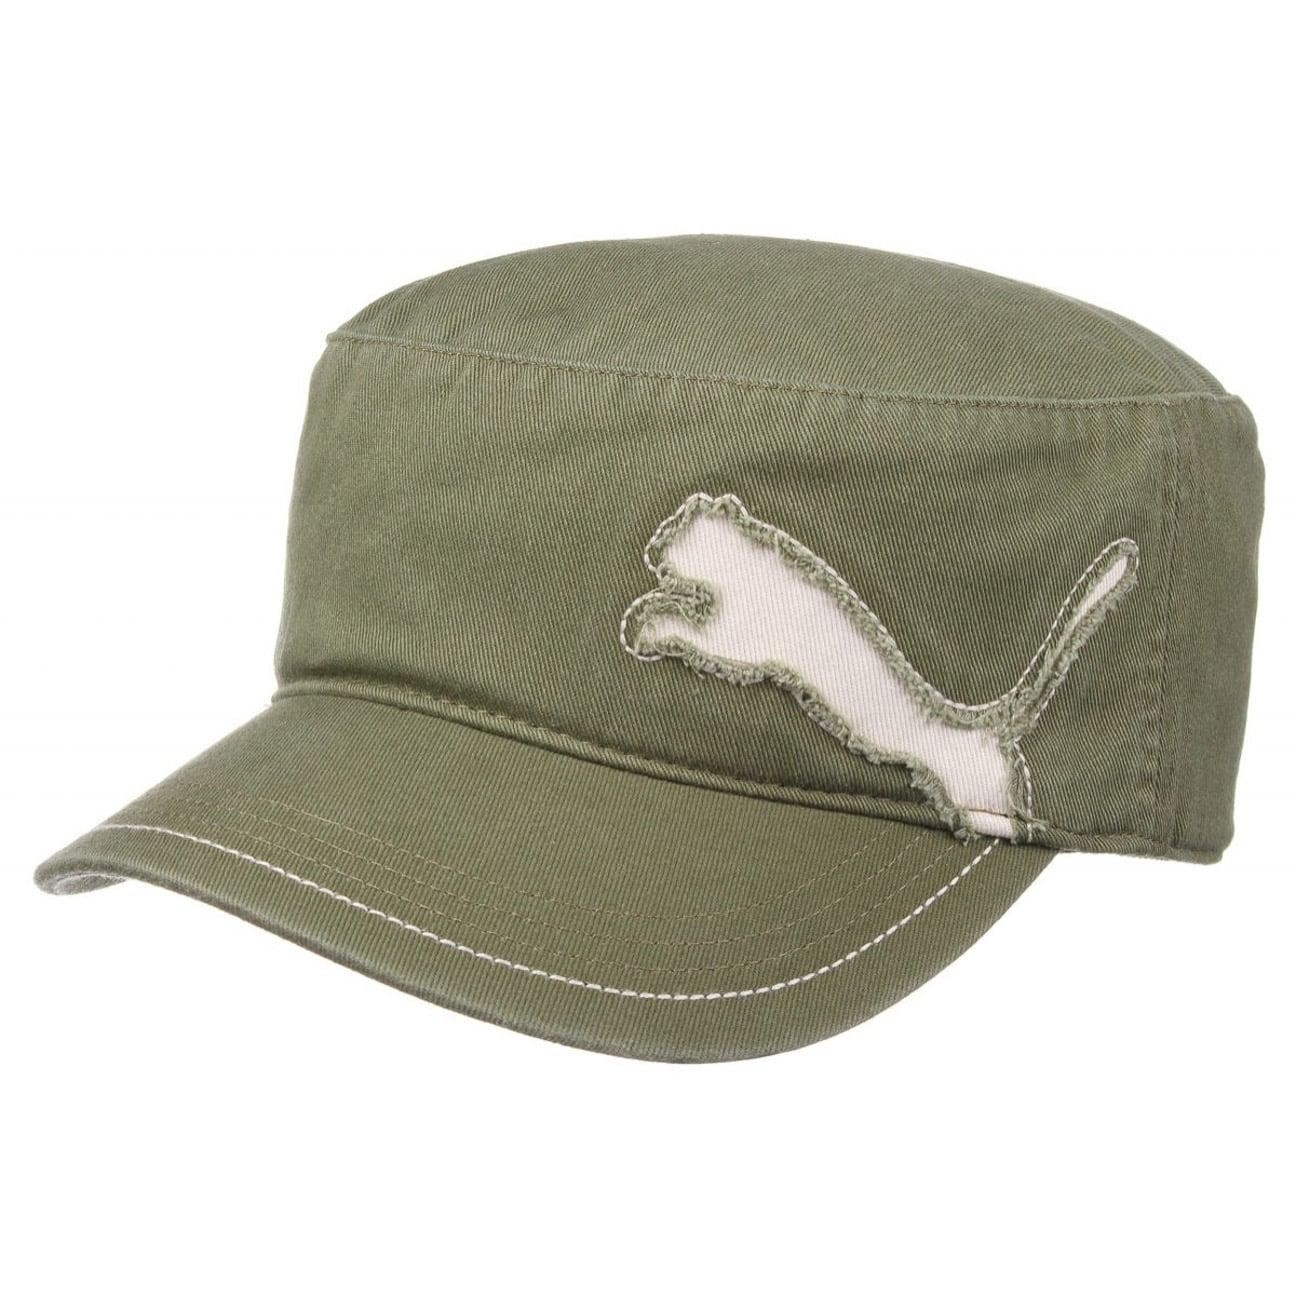 Gorra Militar Fairview by PUMA - Gorras - sombreroshop.es 4a9f7e97f3e